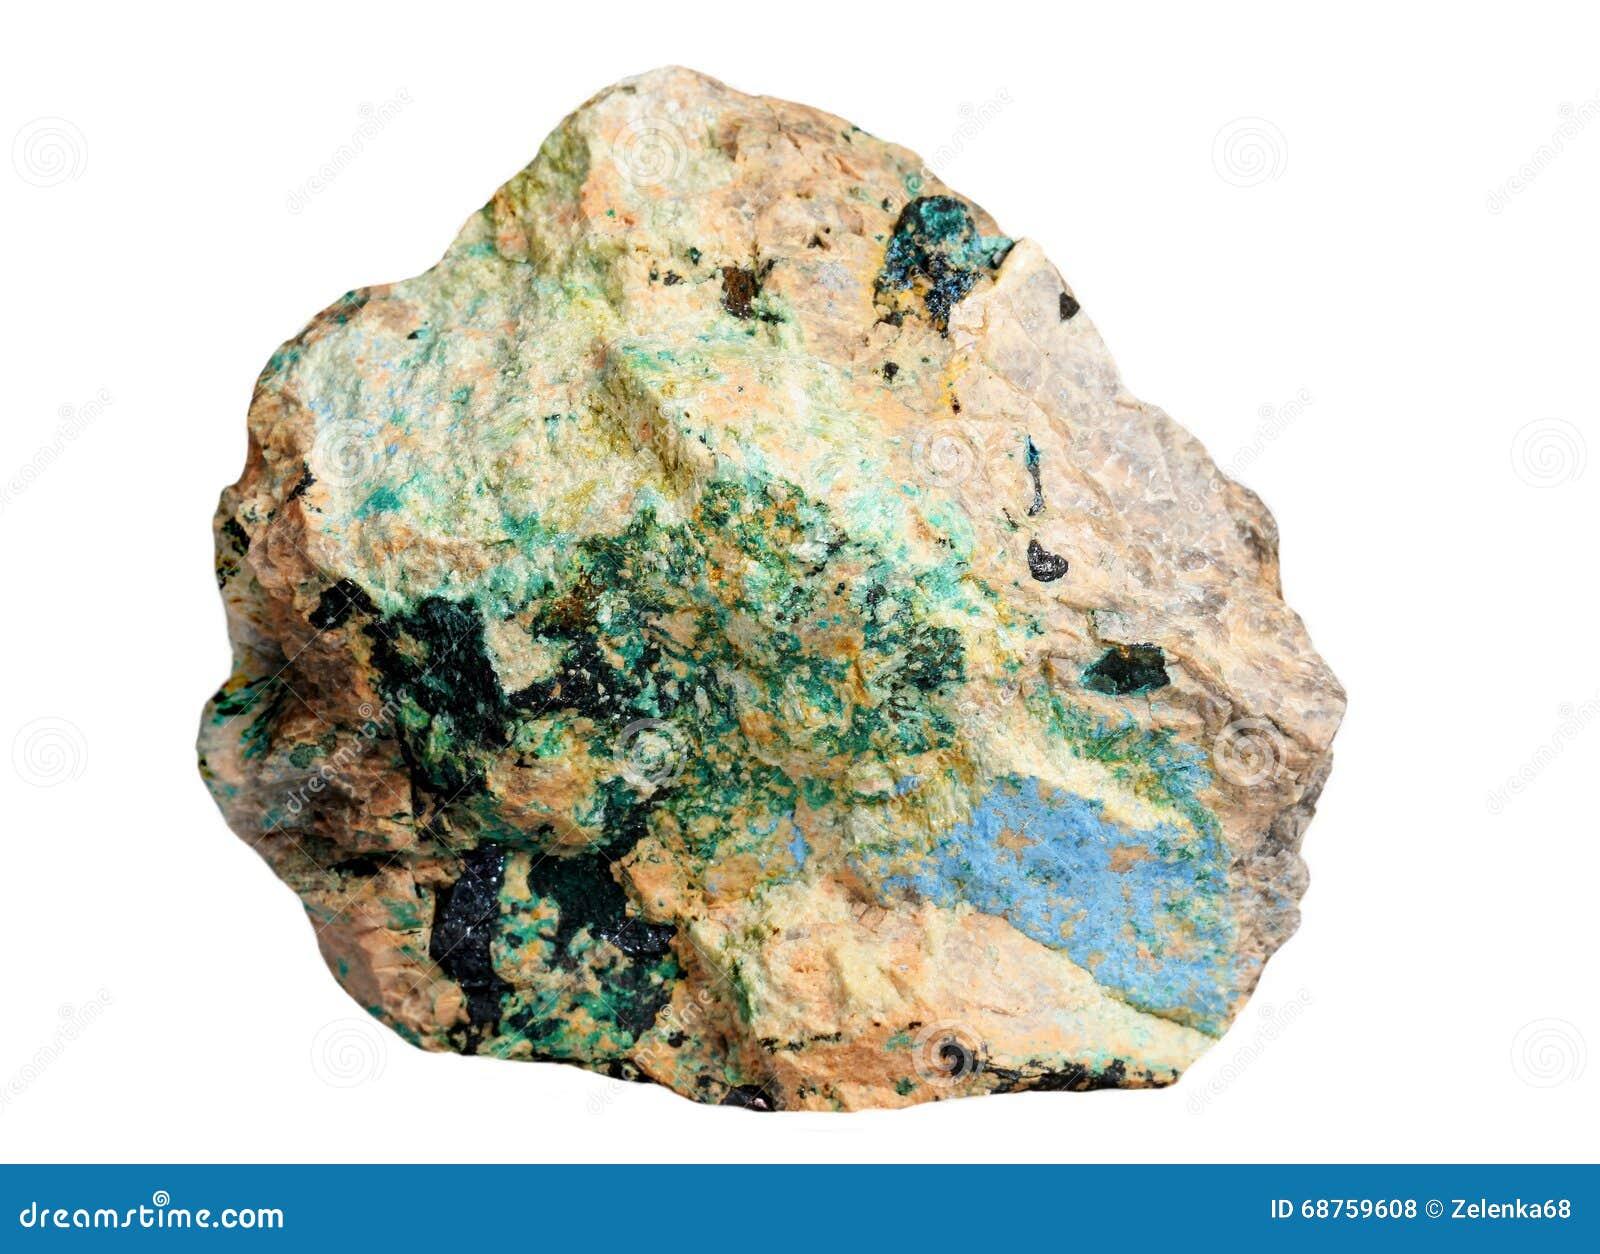 Minerais de cuivre - lazurite, azurite, malachite